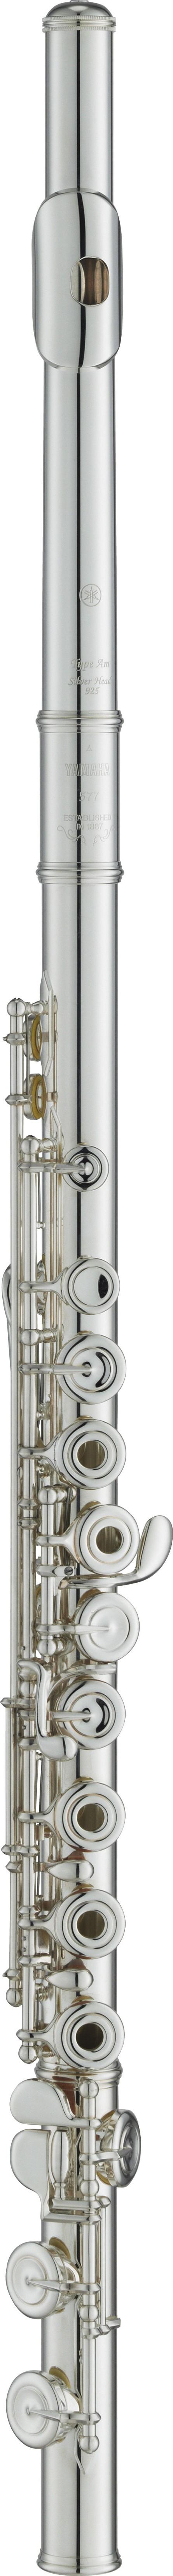 Yamaha - YFL-577 - RCEO - Holzblasinstrumente - Flöten mit E-Mechanik | MUSIK BERTRAM Deutschland Freiburg